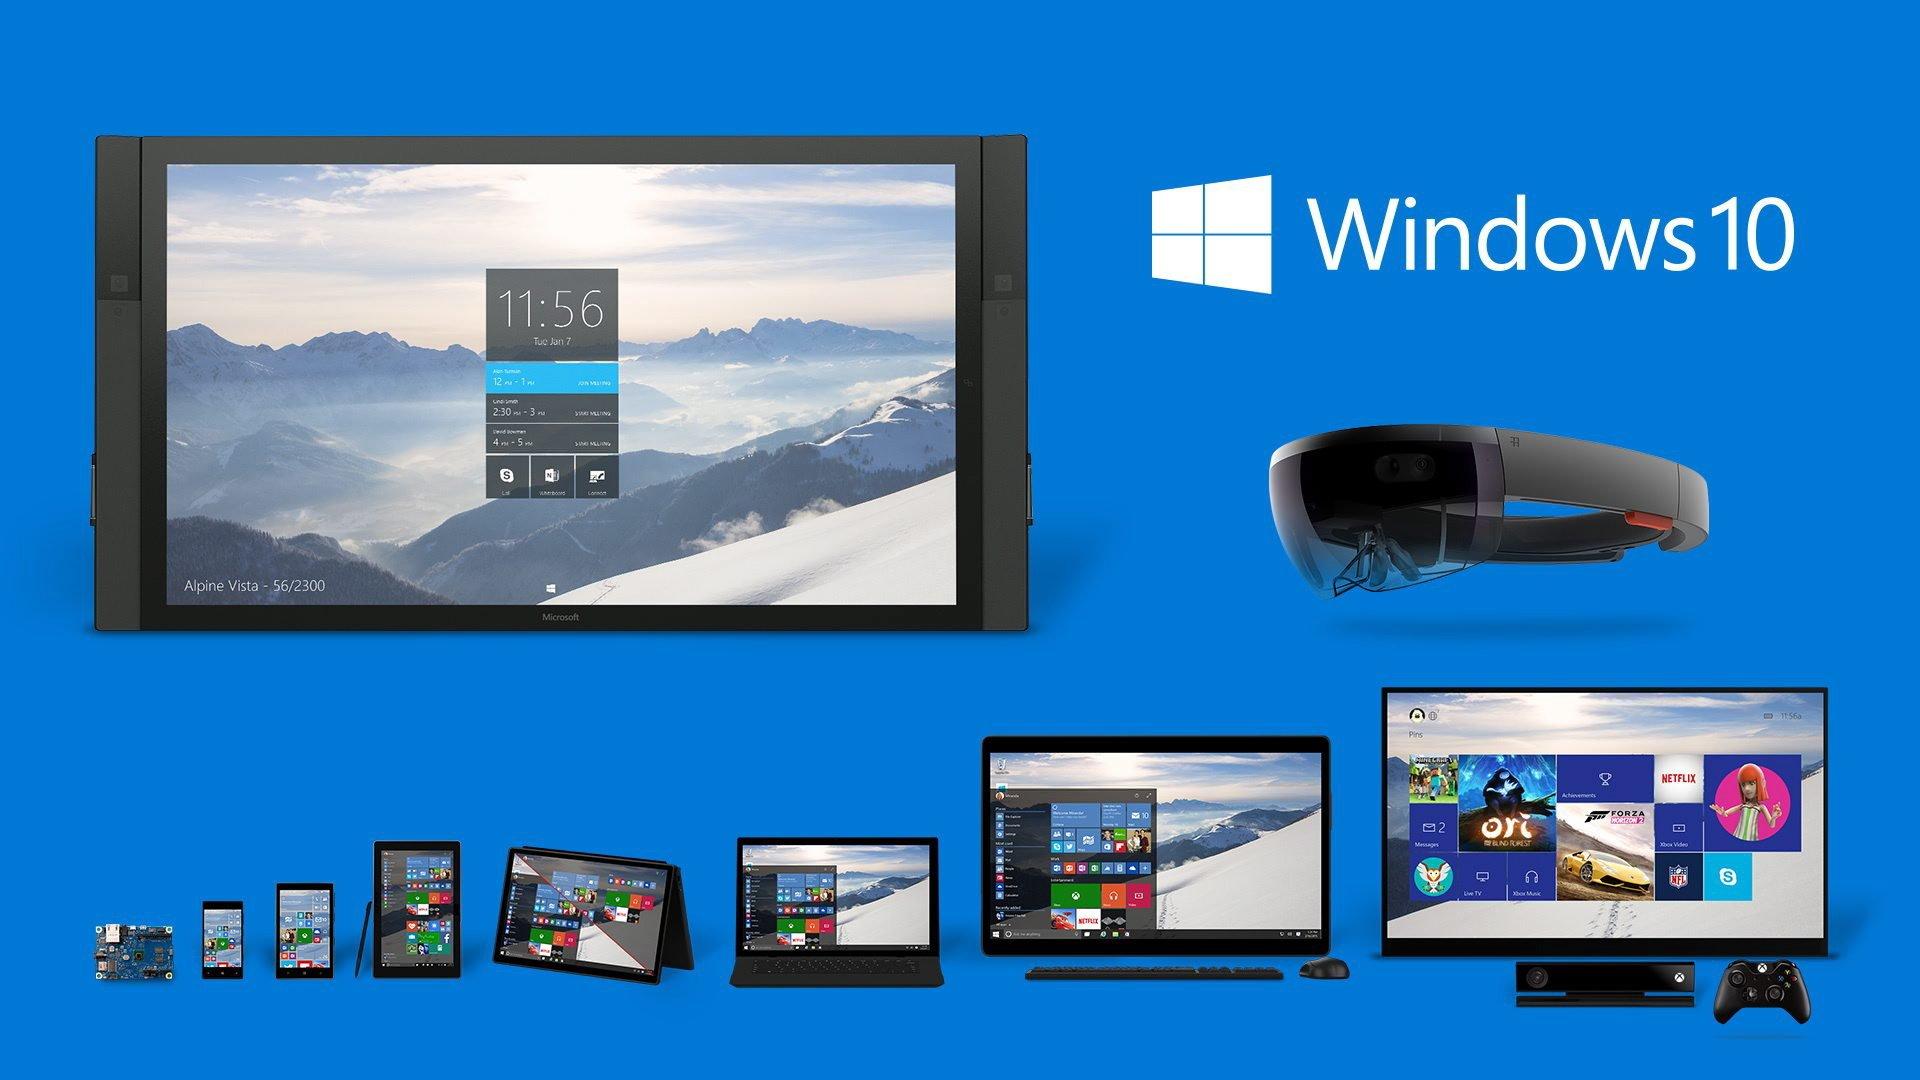 Die Auslieferung von Windows 10 beginnt am Mittwoch. Das System soll auf den verschiedensten Geräten laufen und sich selbstständig anpassen.